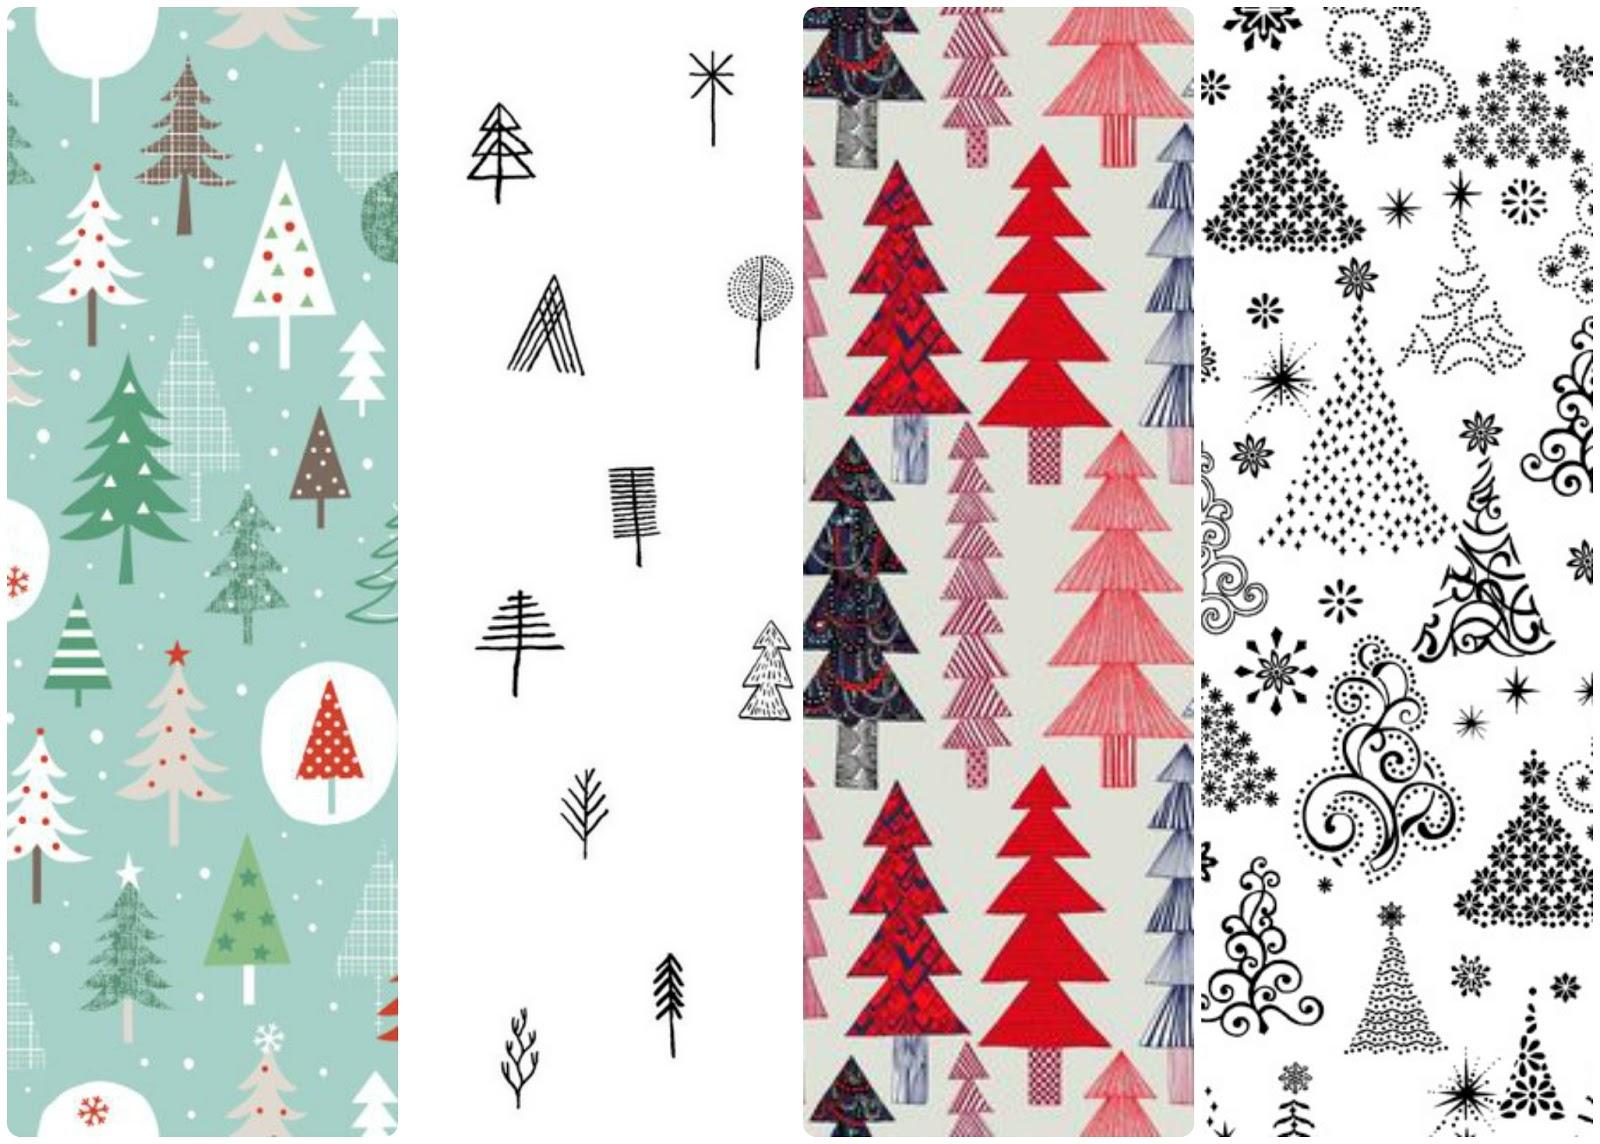 Tumblr Fondos De Pantalla De Navidad: Fondos De Pantalla Coloridos